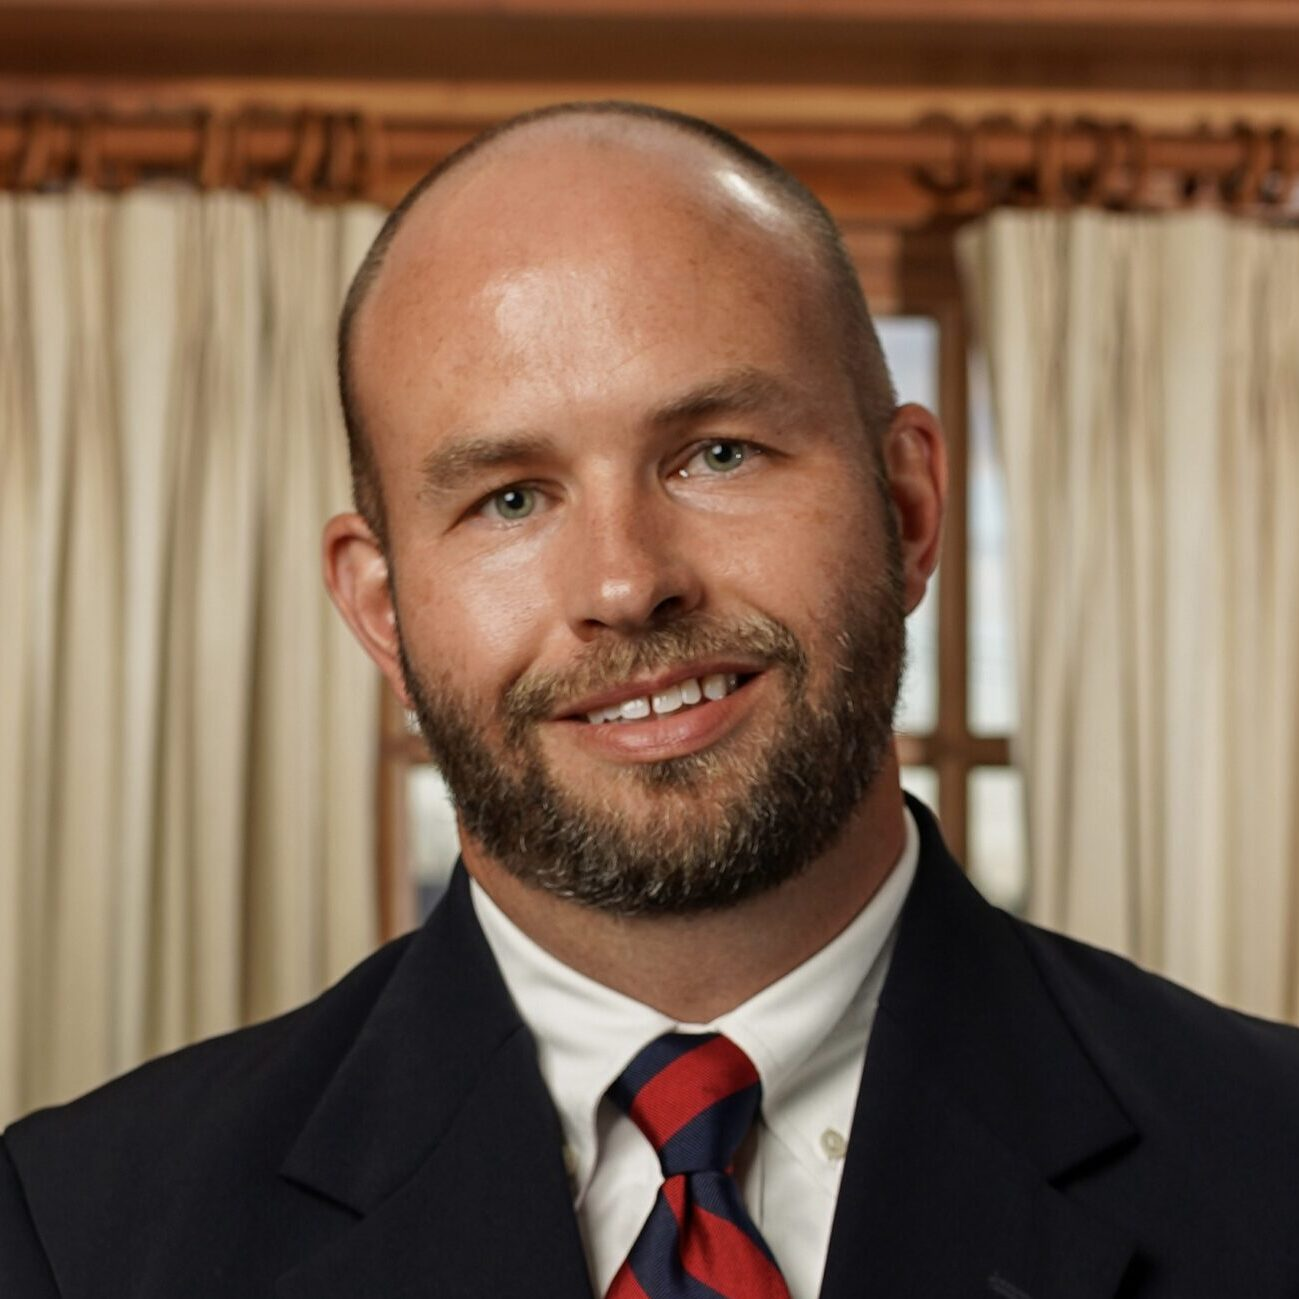 Robert C. Chenoweth